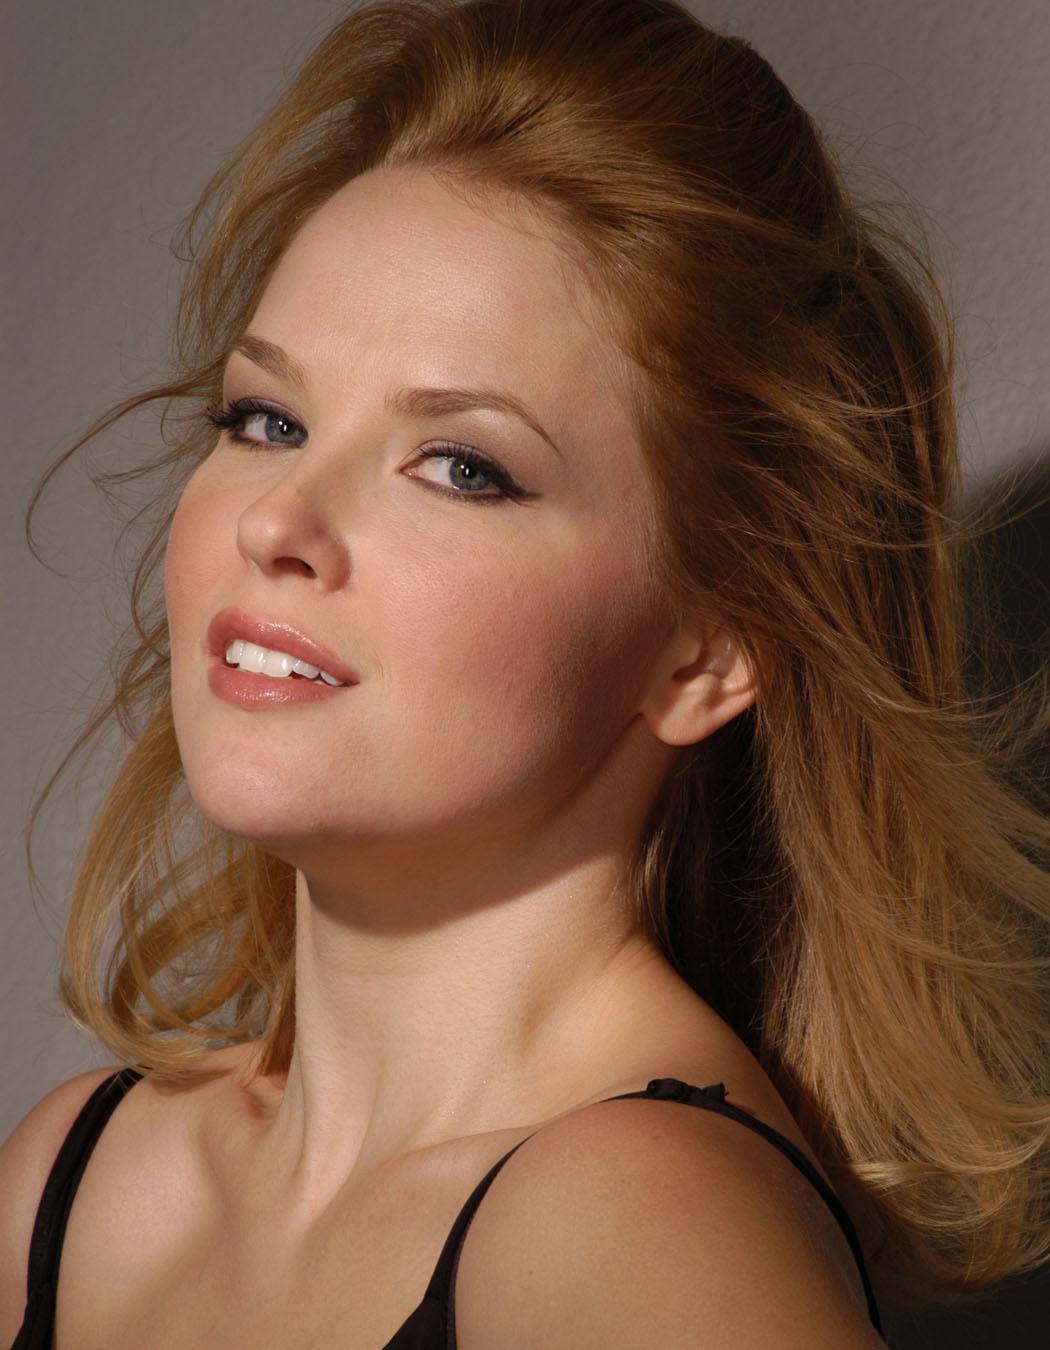 Andrea Lain